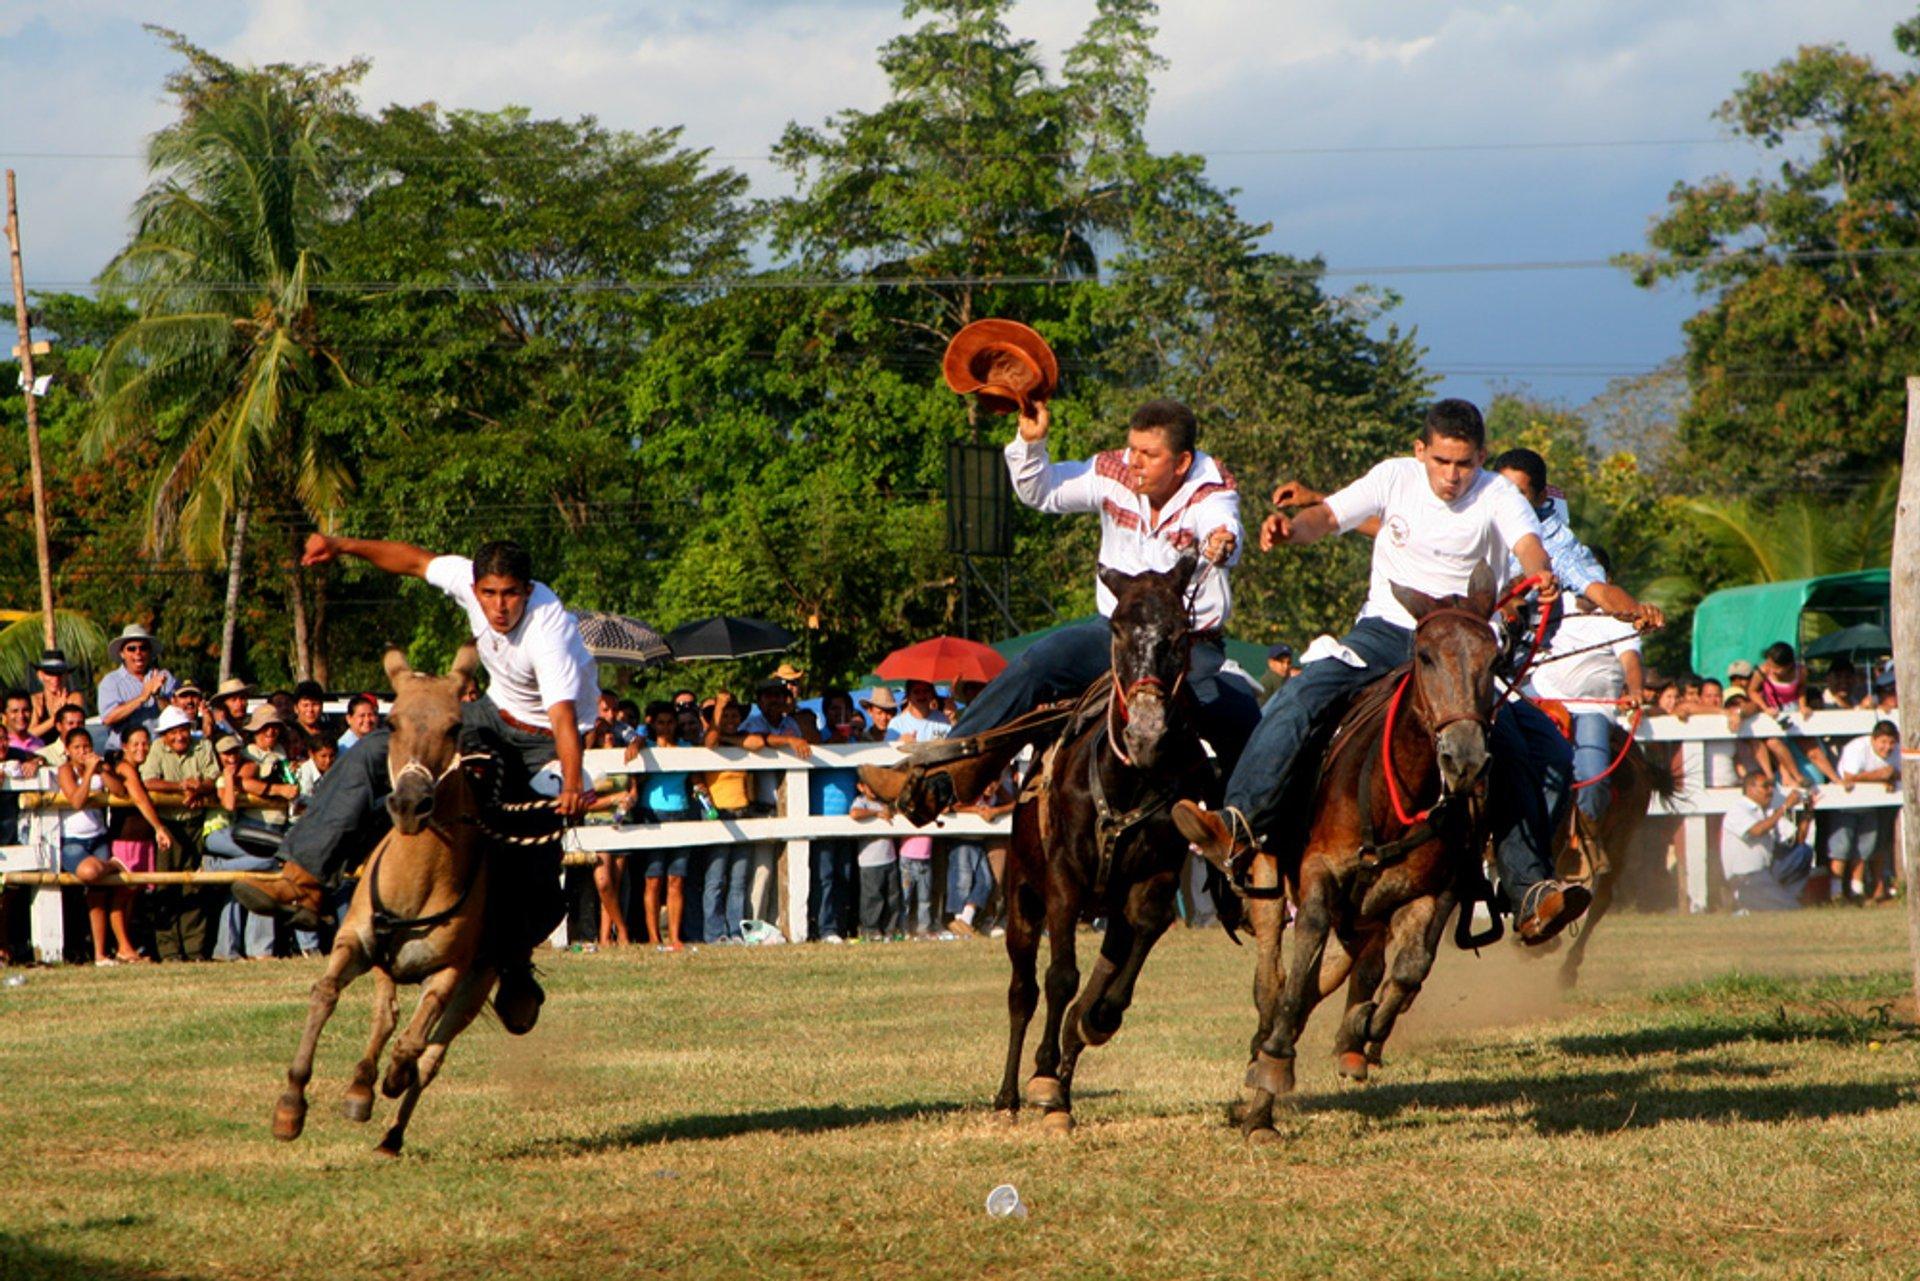 Best time for Parrita Mule Festival in Costa Rica 2020